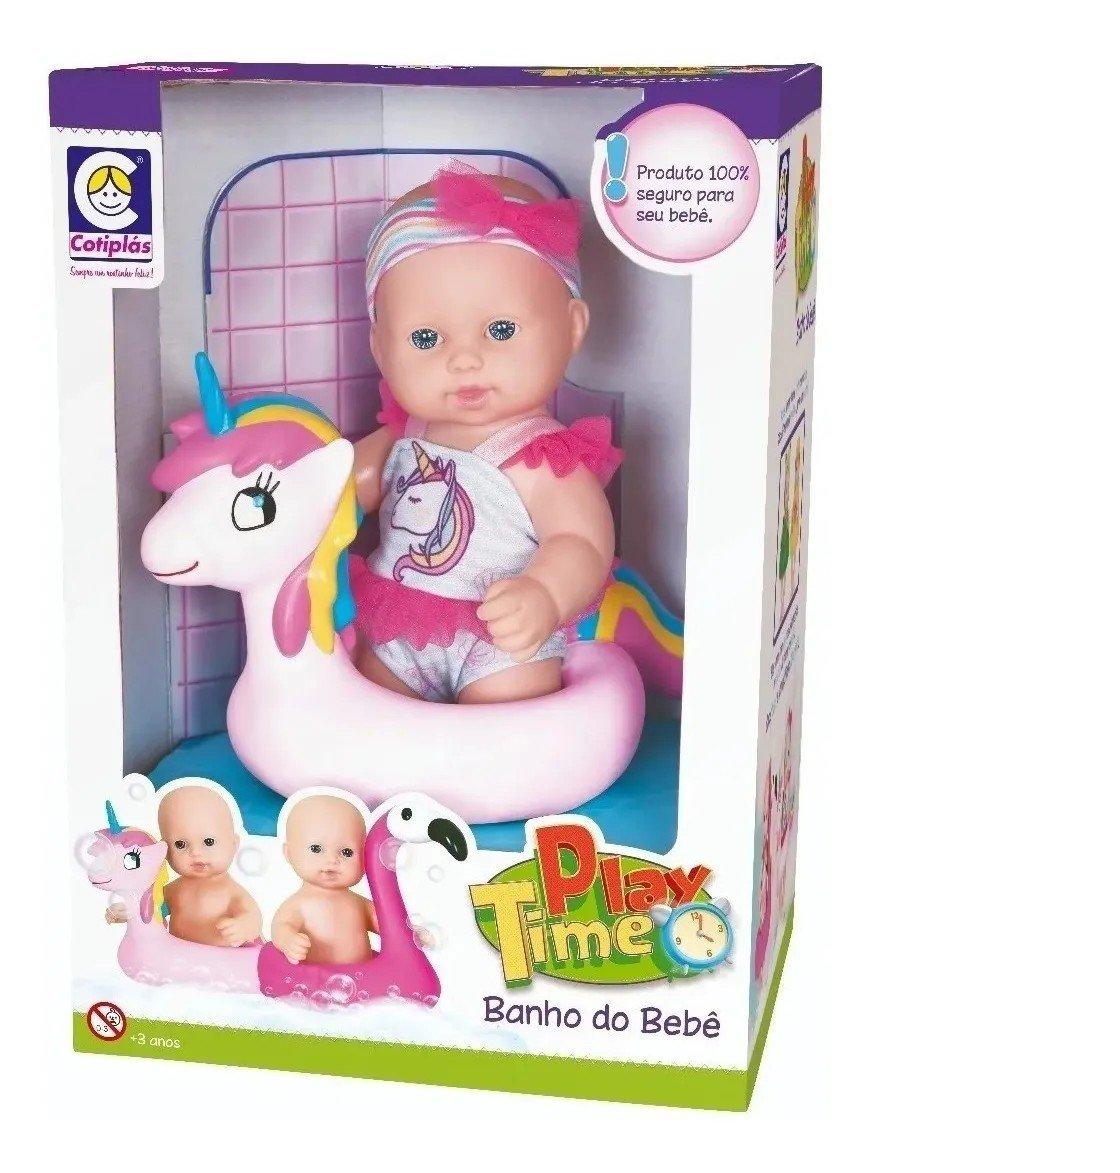 Boneca Play Time Hora Do Banho Unicornio - Cotiplás 2279